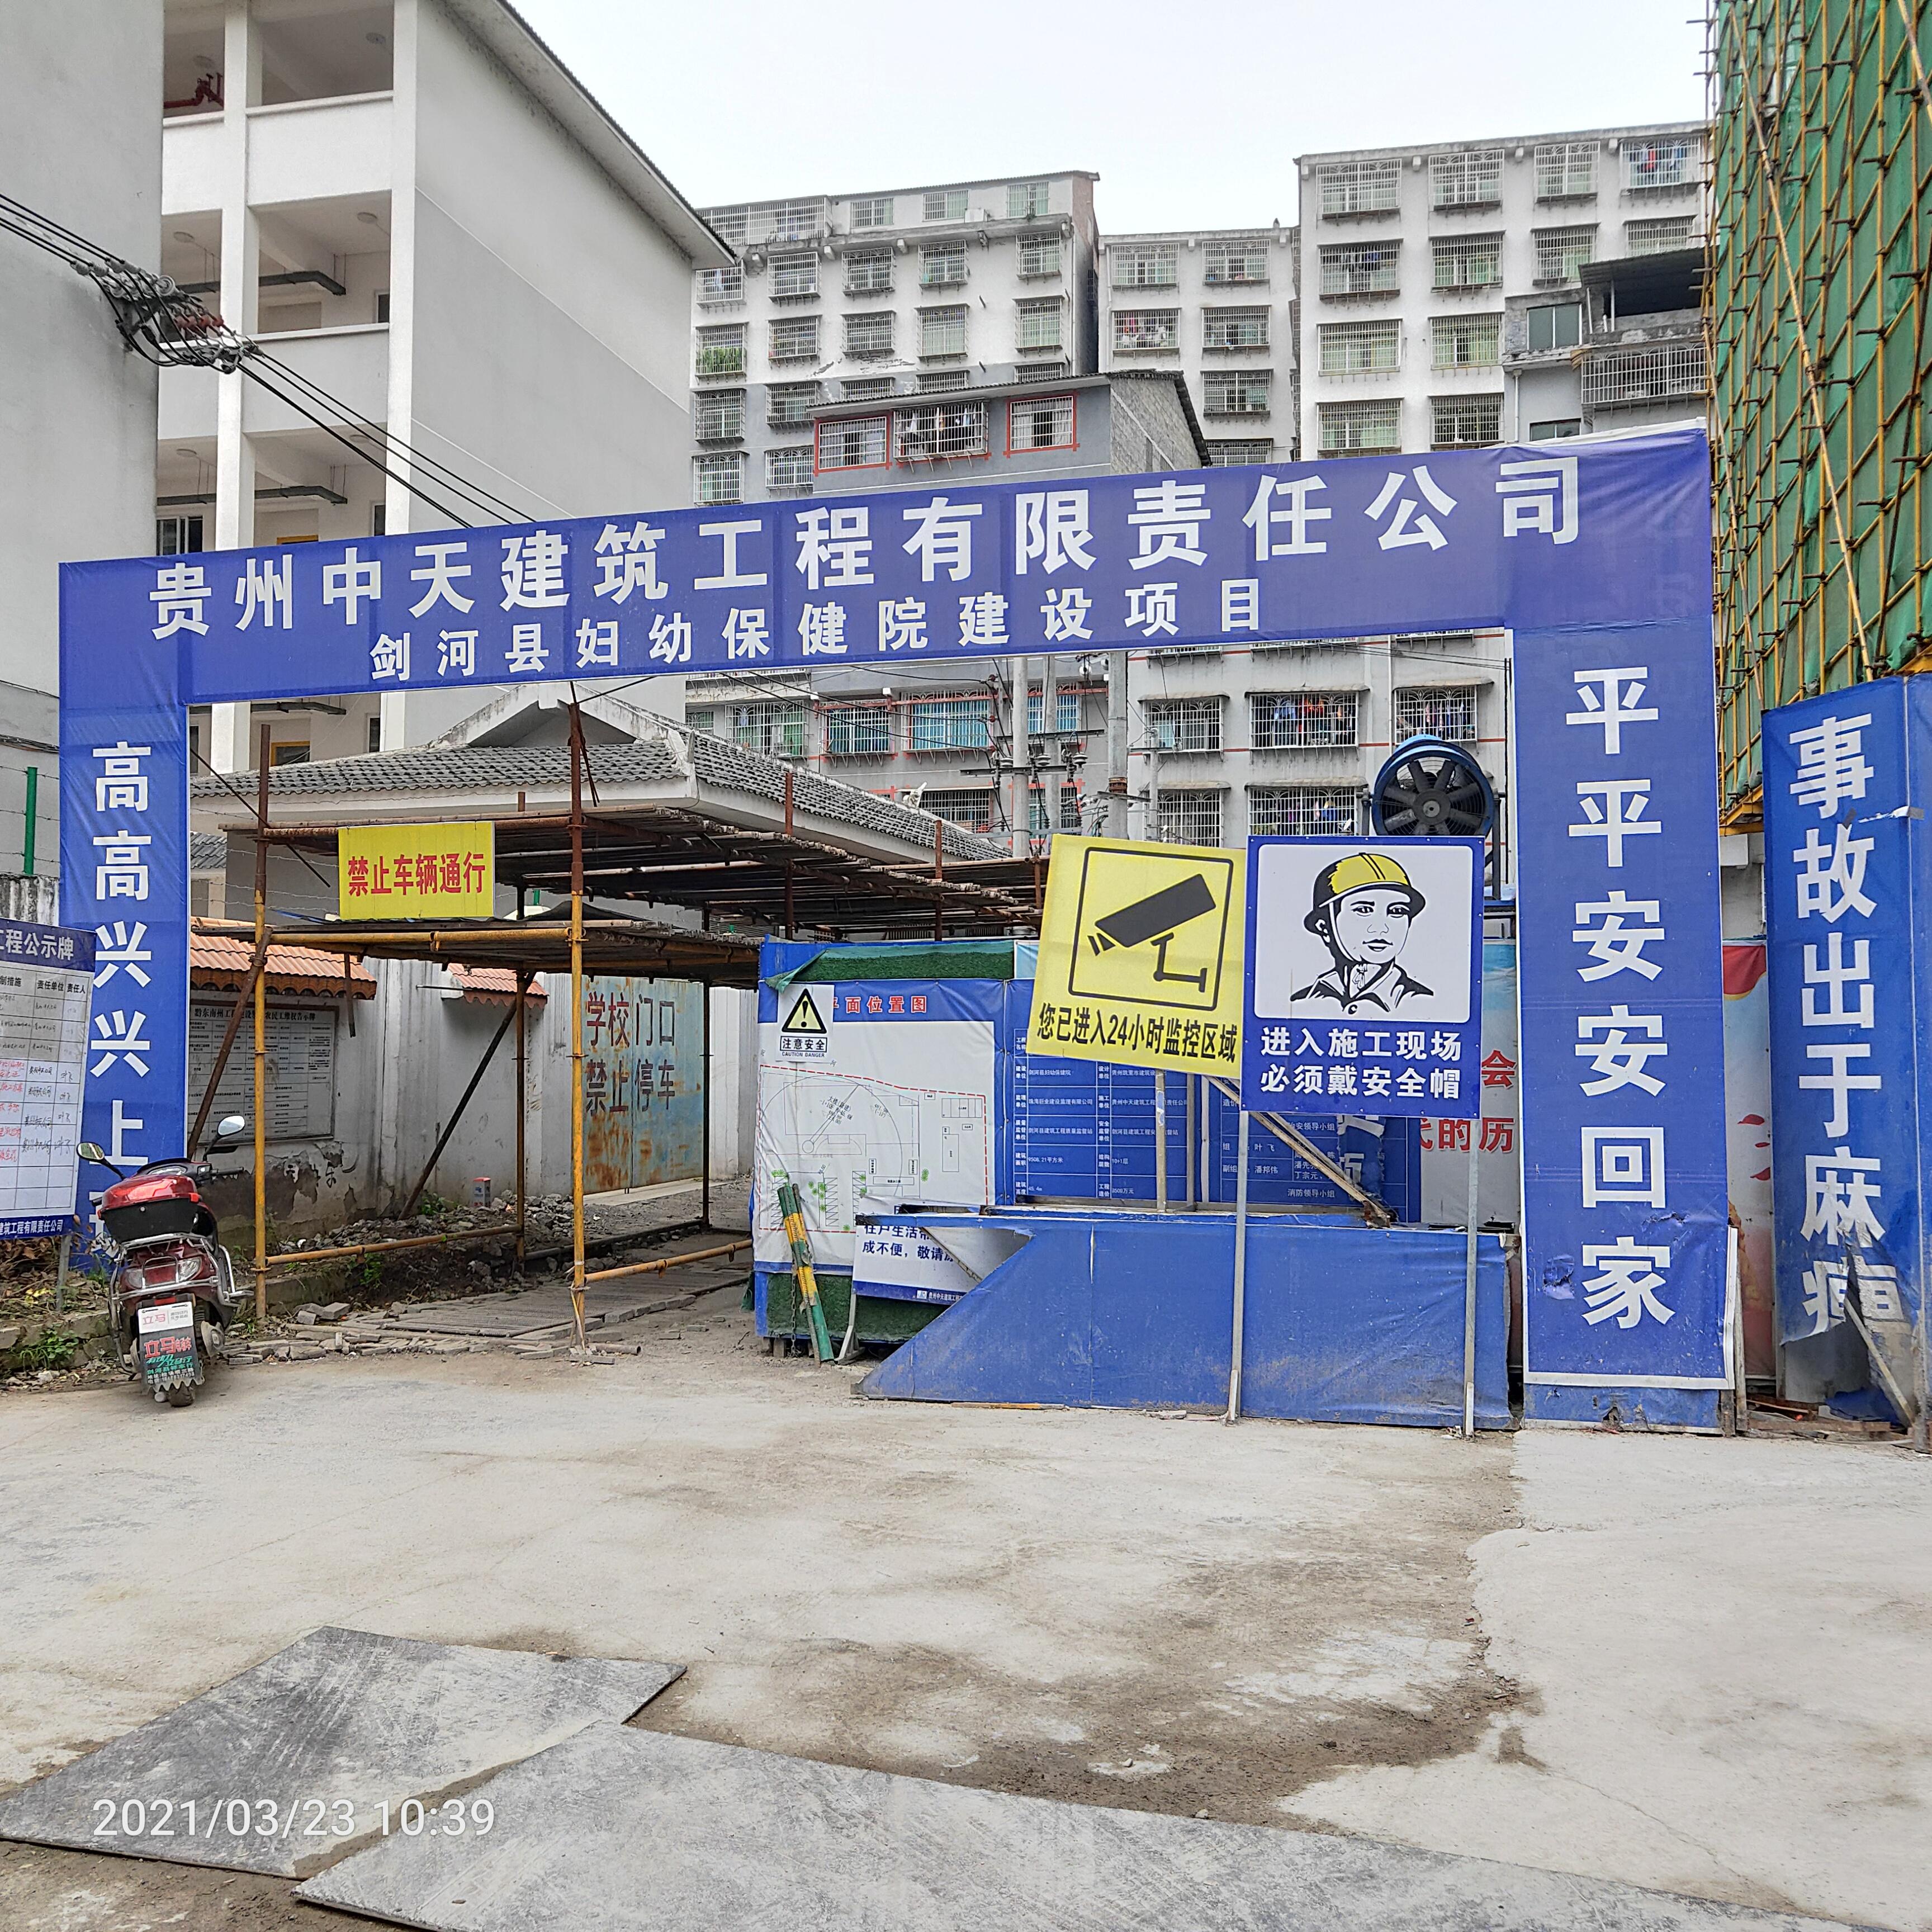 劍河縣婦幼保健院建設項目高大腳手架檢查